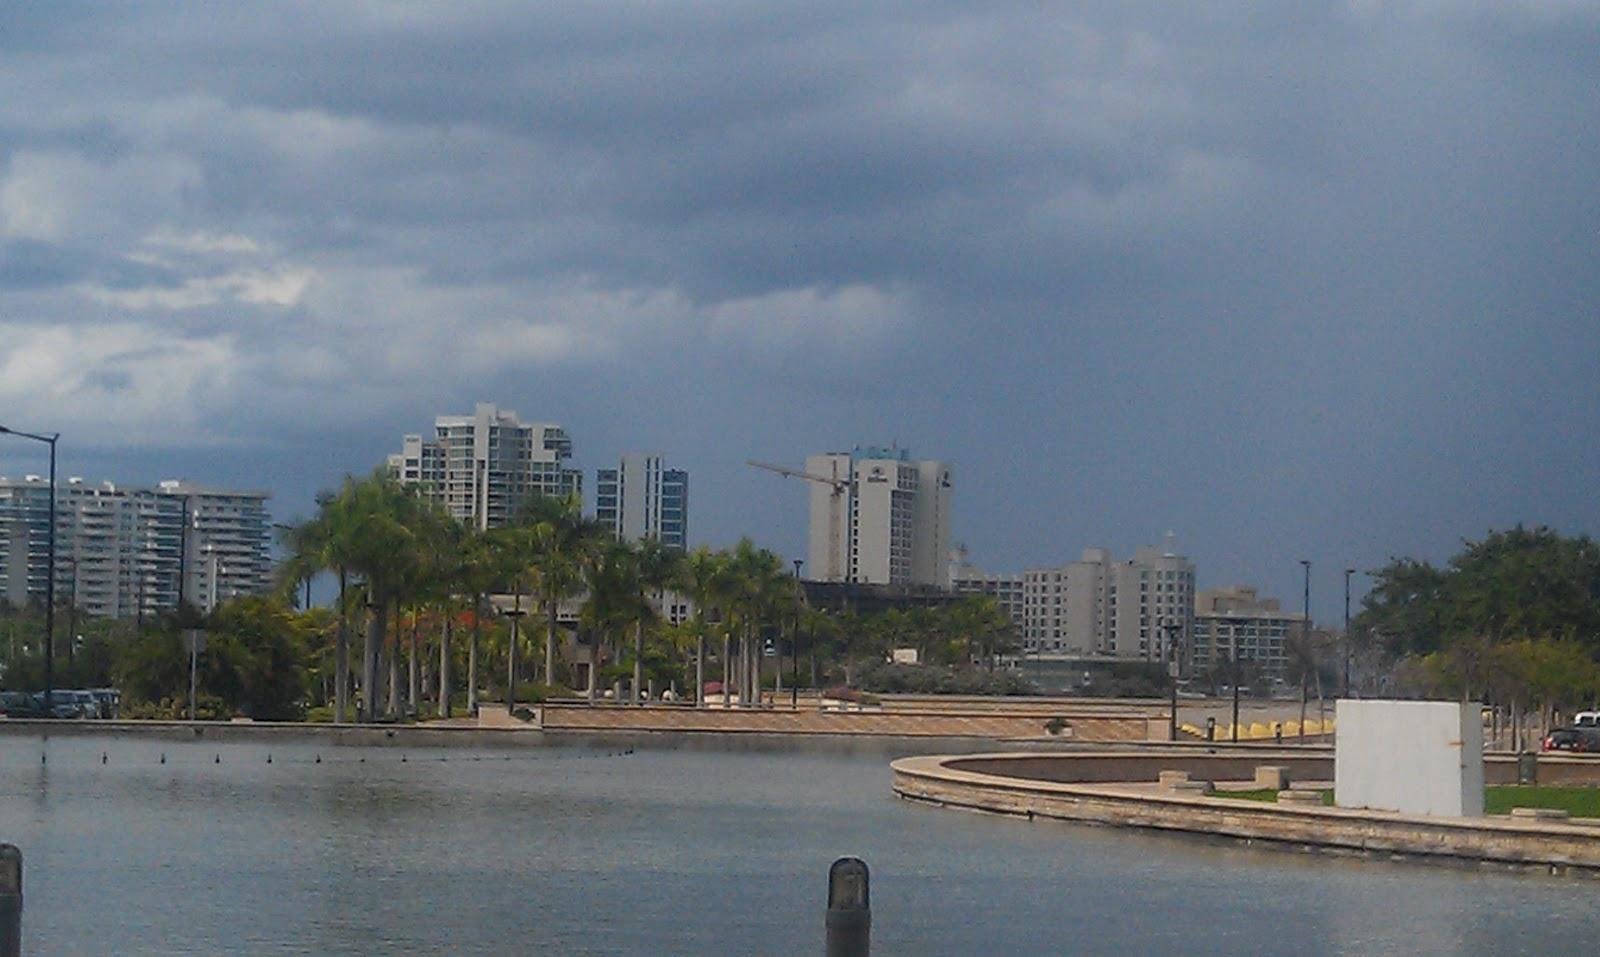 Scene of Puerto Rico